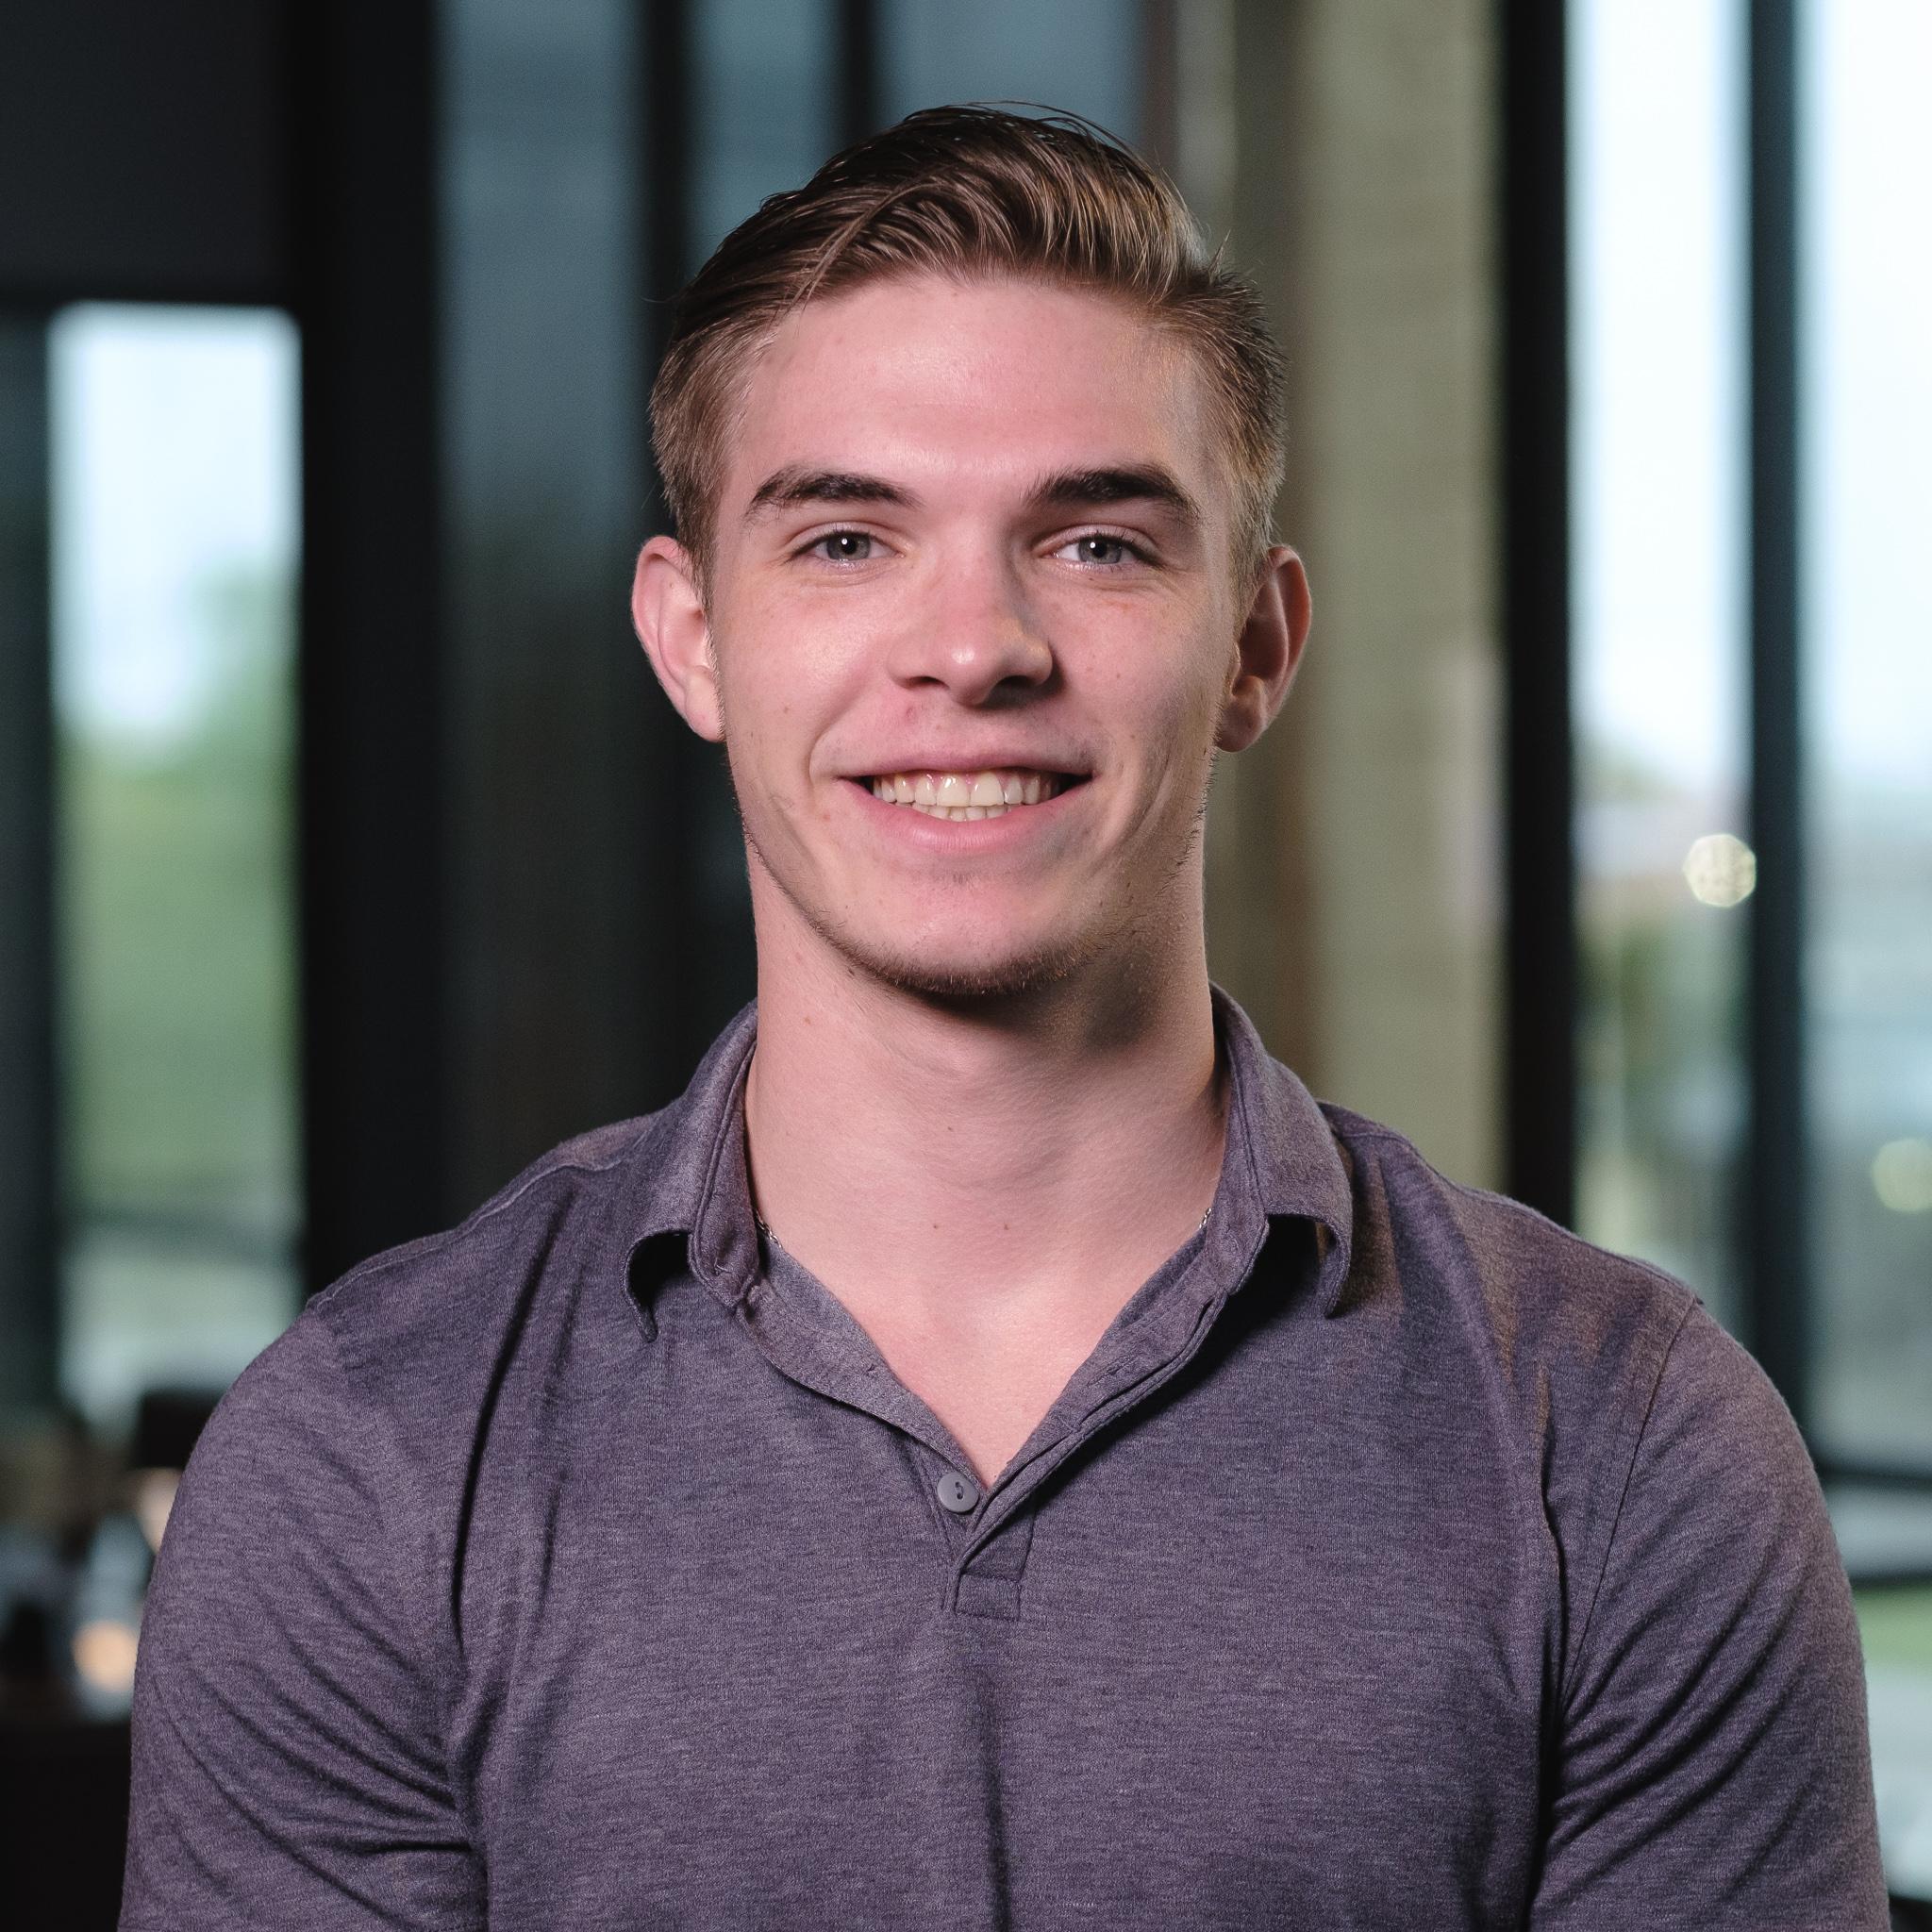 Jacob Bush - Assistant Project Manager